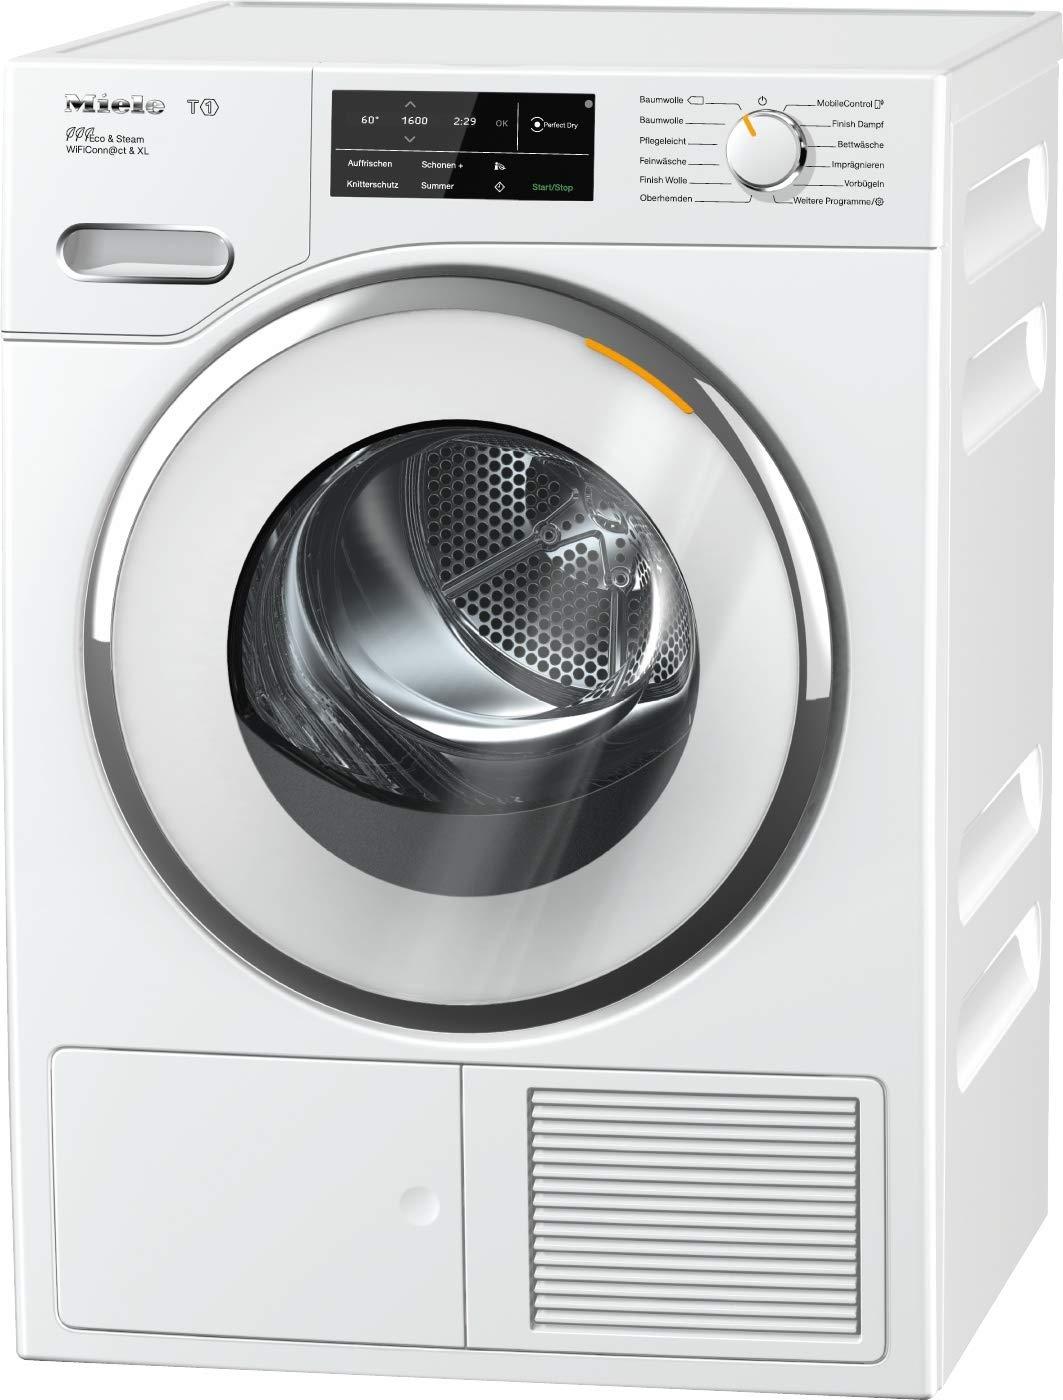 Miele TWJ 680 WP Wärmepumpentrockner/A+++ (193kWh/Jahr)/mit 9kg Schontrommel/mit Duftflakon für frisch duftende Wäsche/Wäschetrockner per WLAN mit Smartphone steuerbar/Dampffunktion zum Vorbügeln [Energieklasse A+++] 10963760